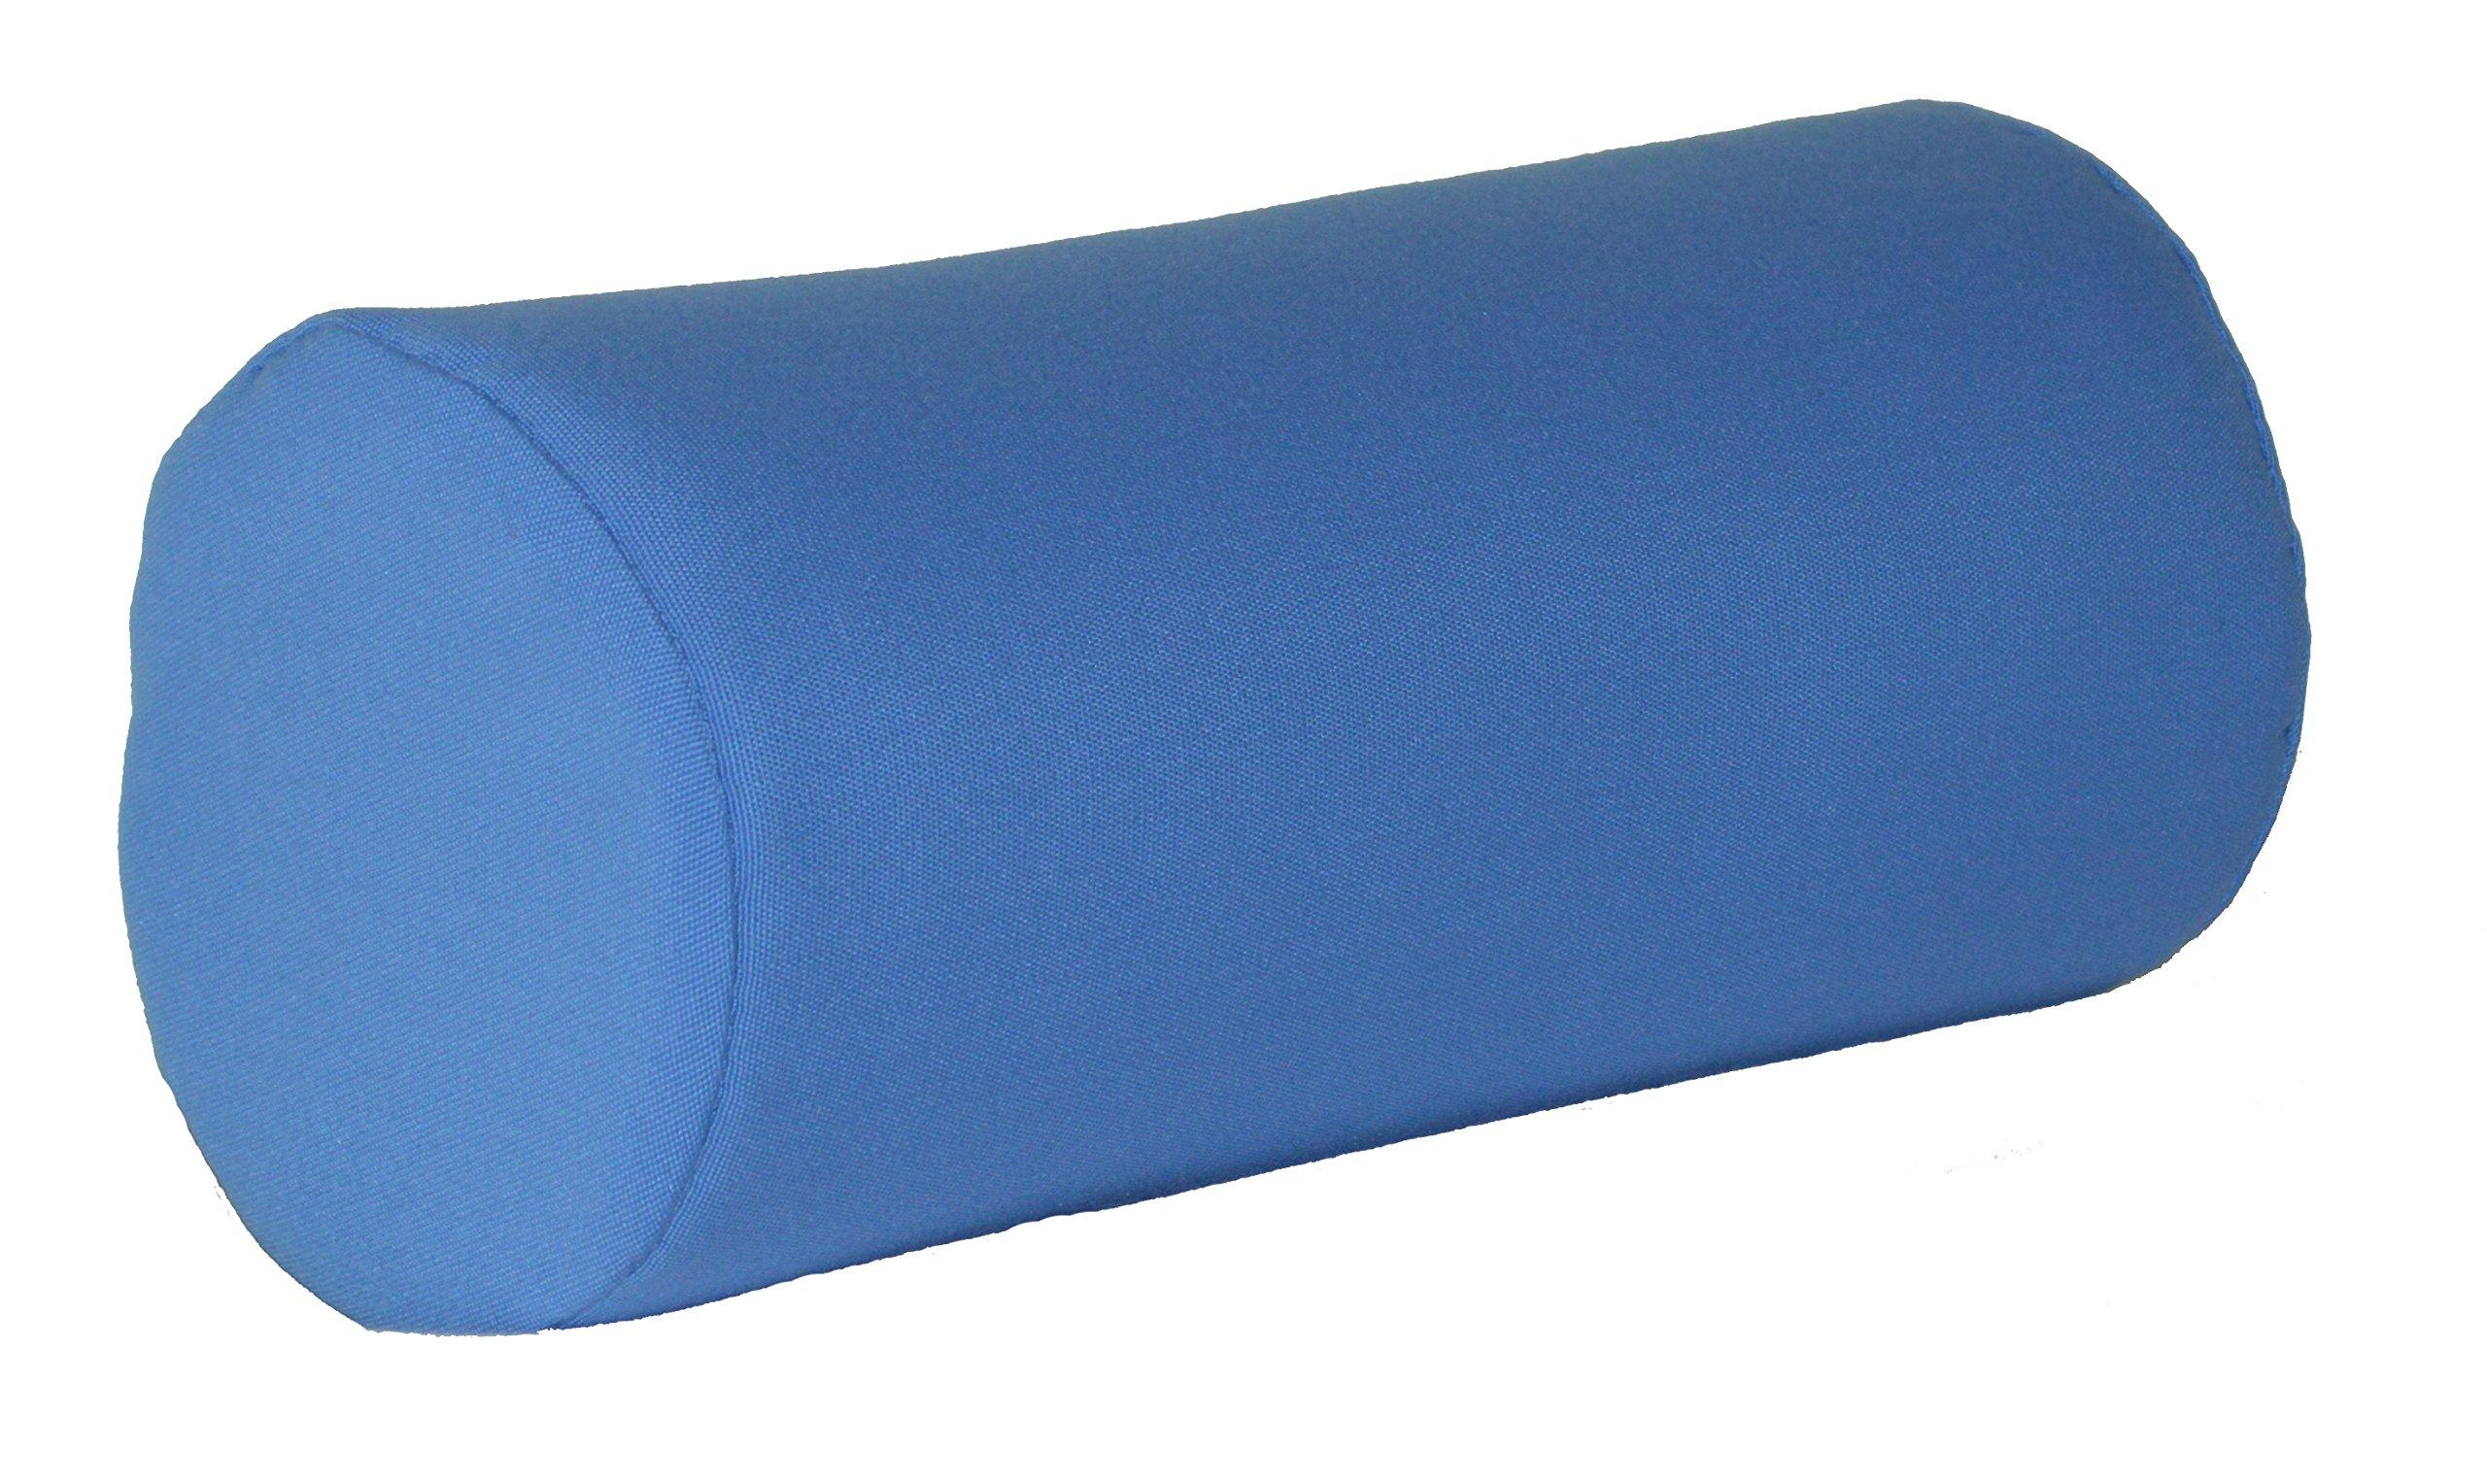 A & L Furniture Sundown Agora 7'' X 18'' Bolster Pillow, 7'' diam. 18'' Long, Light Blue